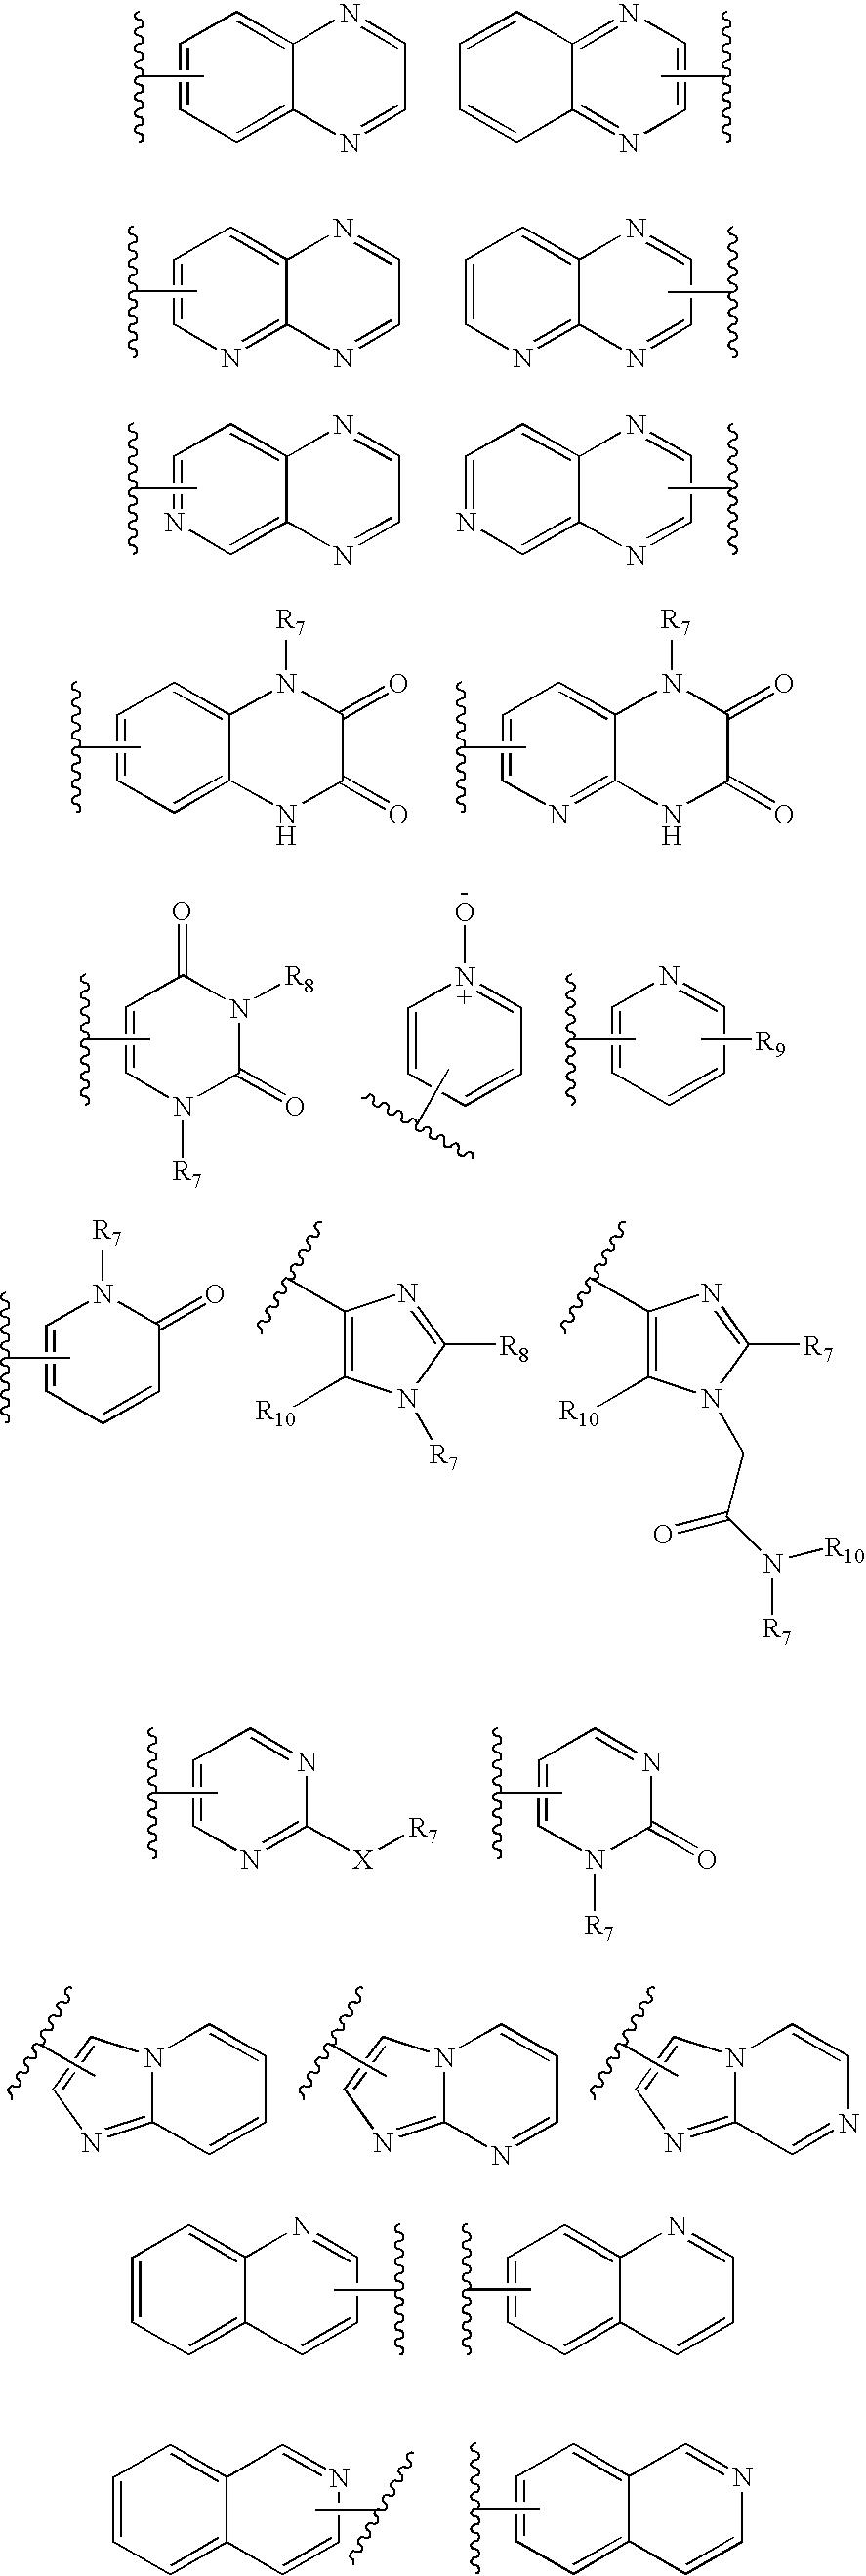 Figure US07531542-20090512-C00043